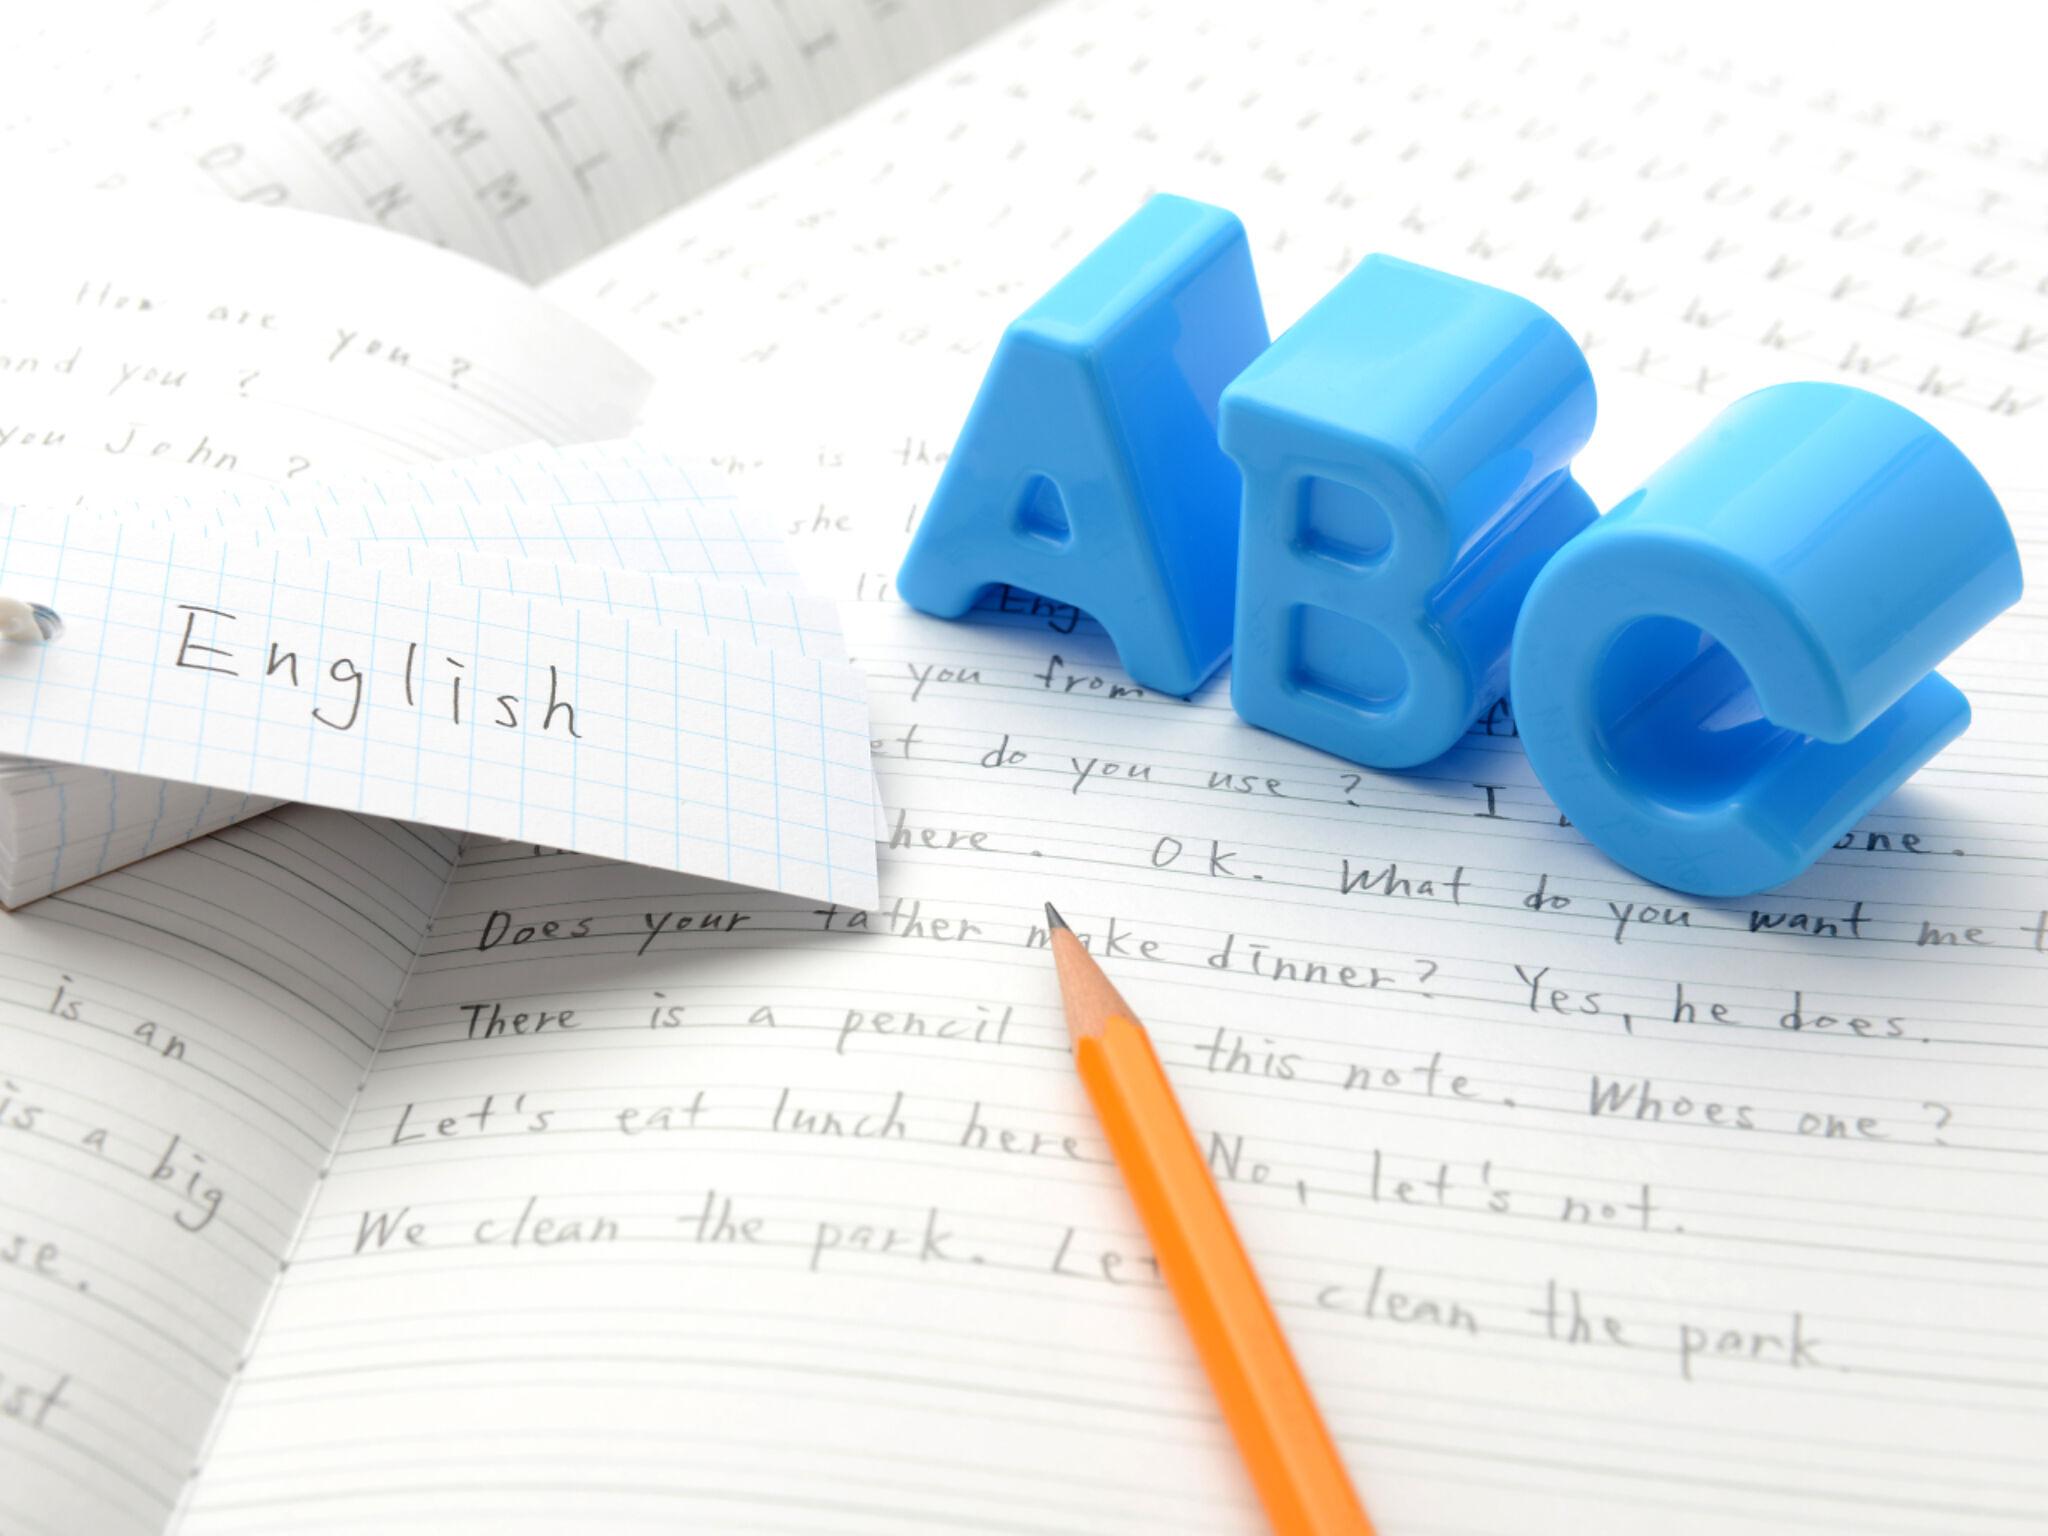 英語のノートと鉛筆の画像